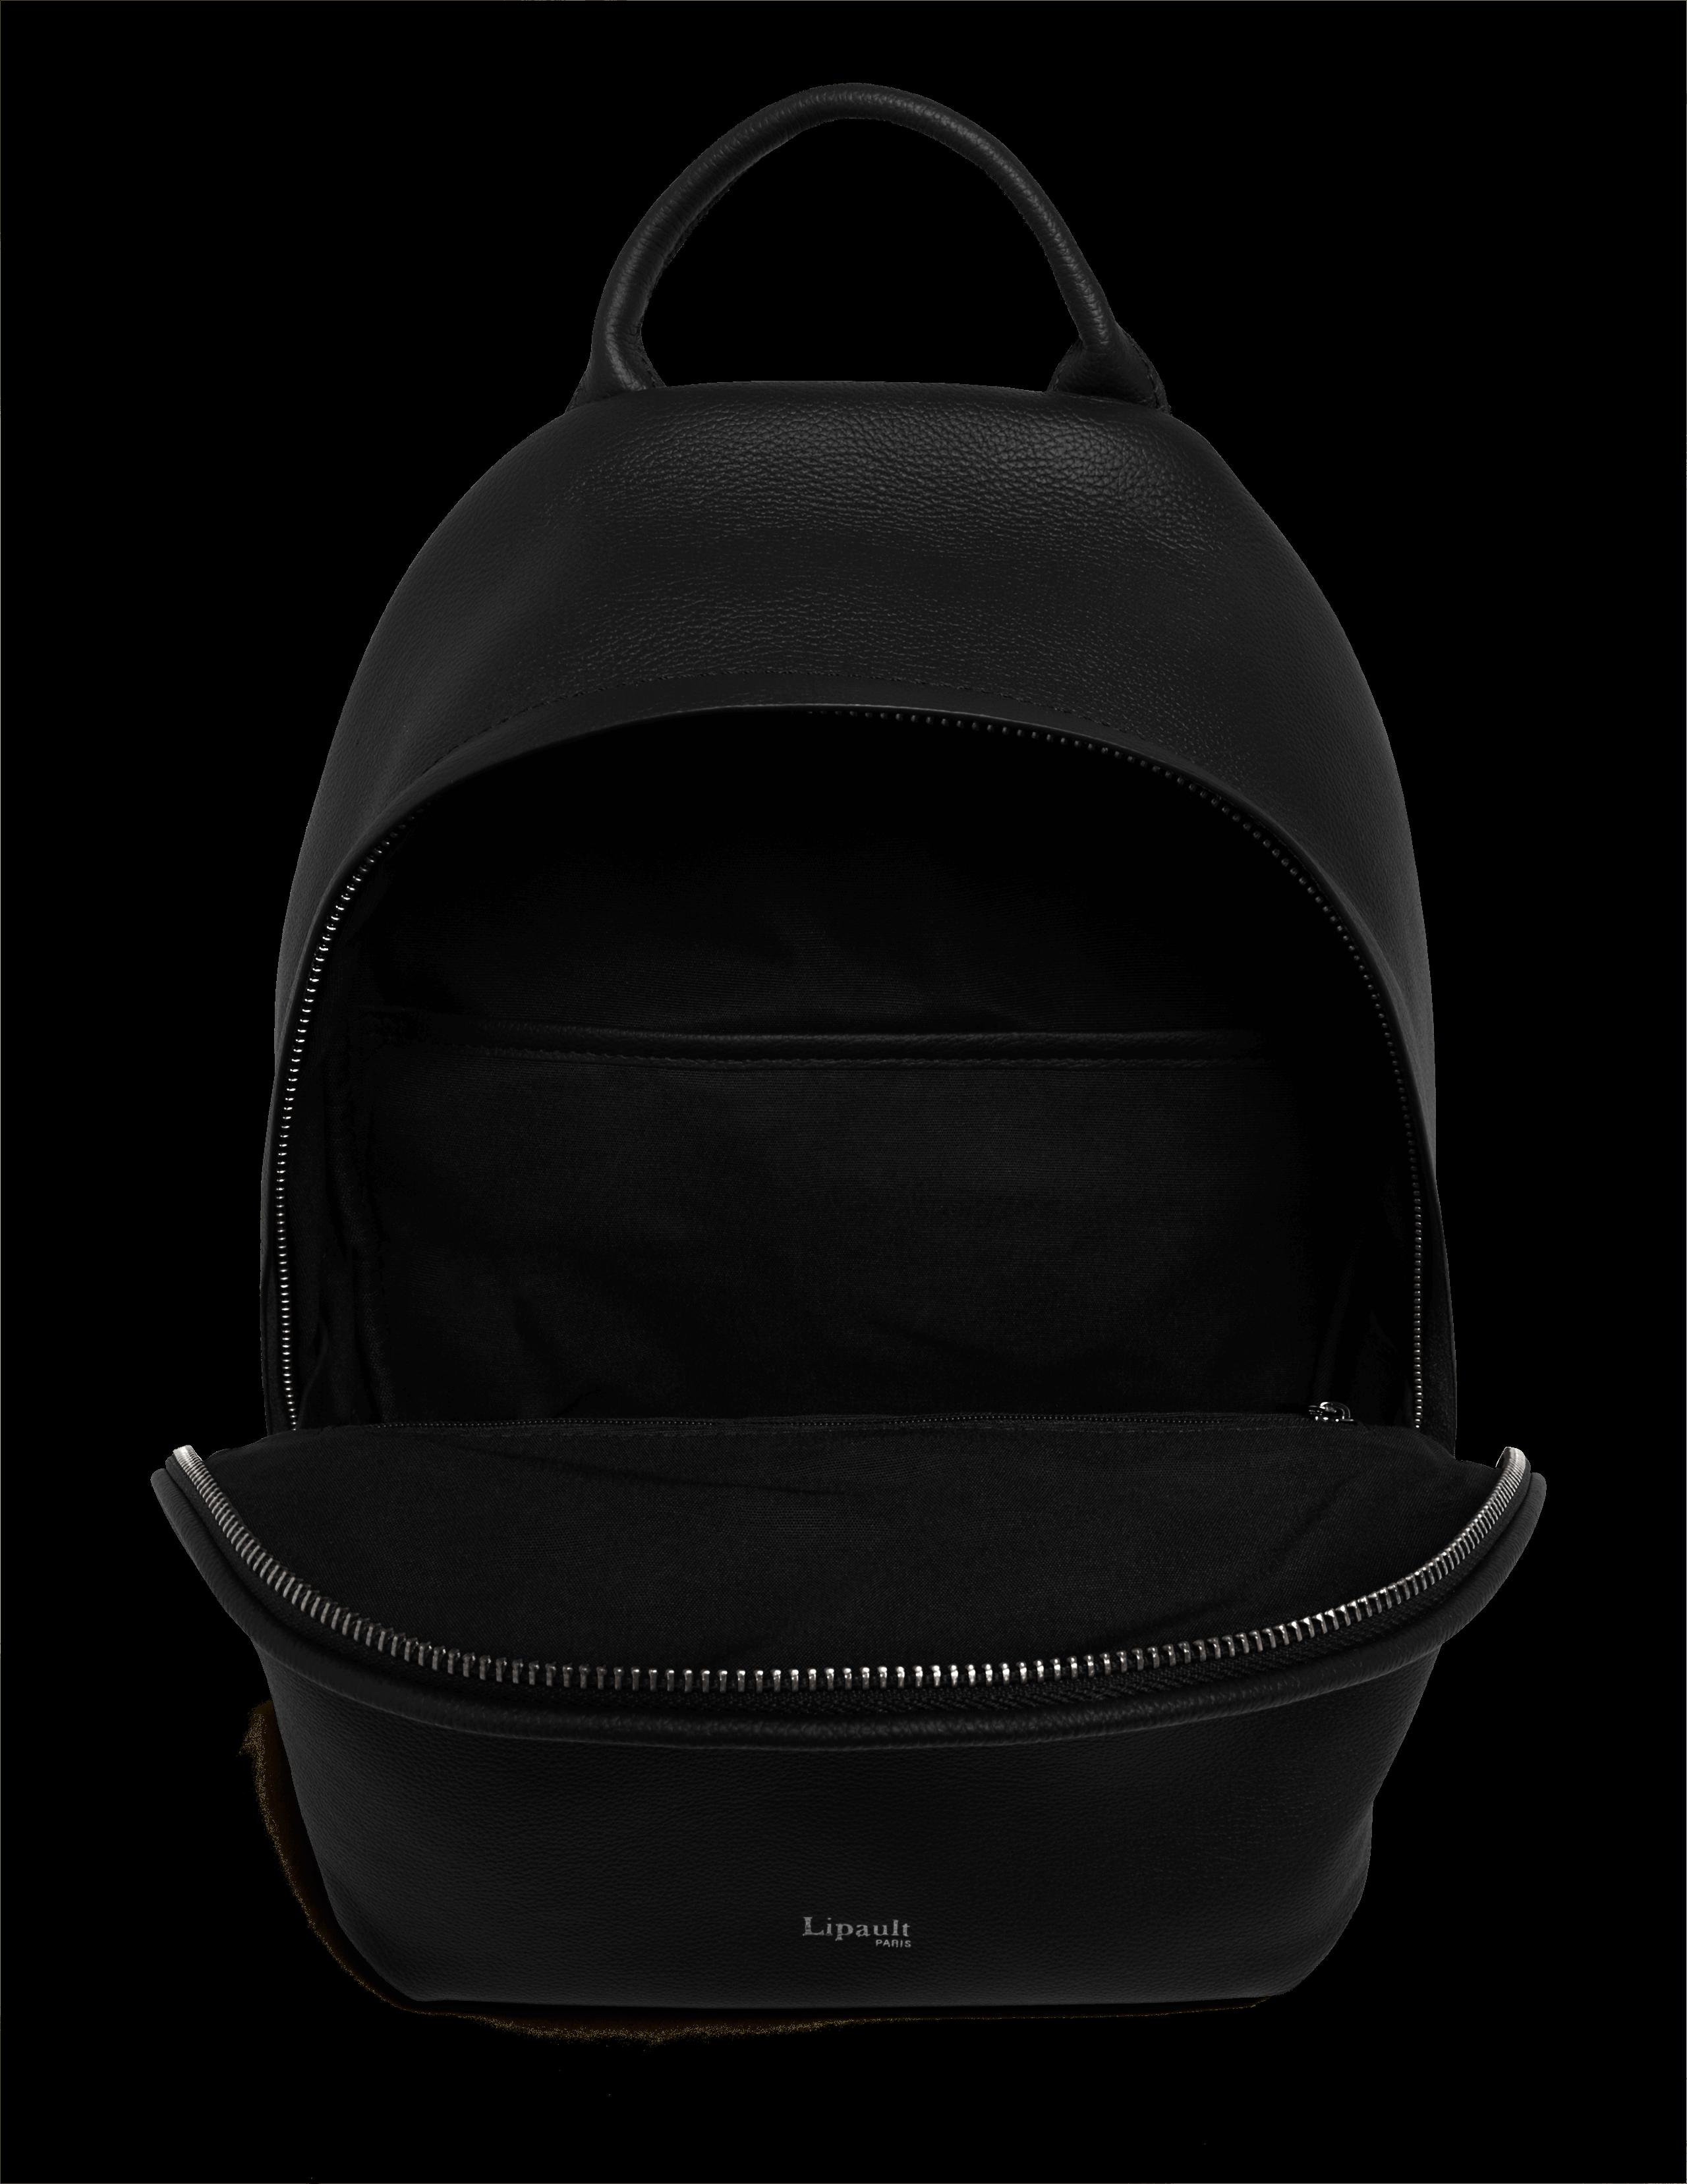 fa6481dd74fa Plume Elegance Backpack Black